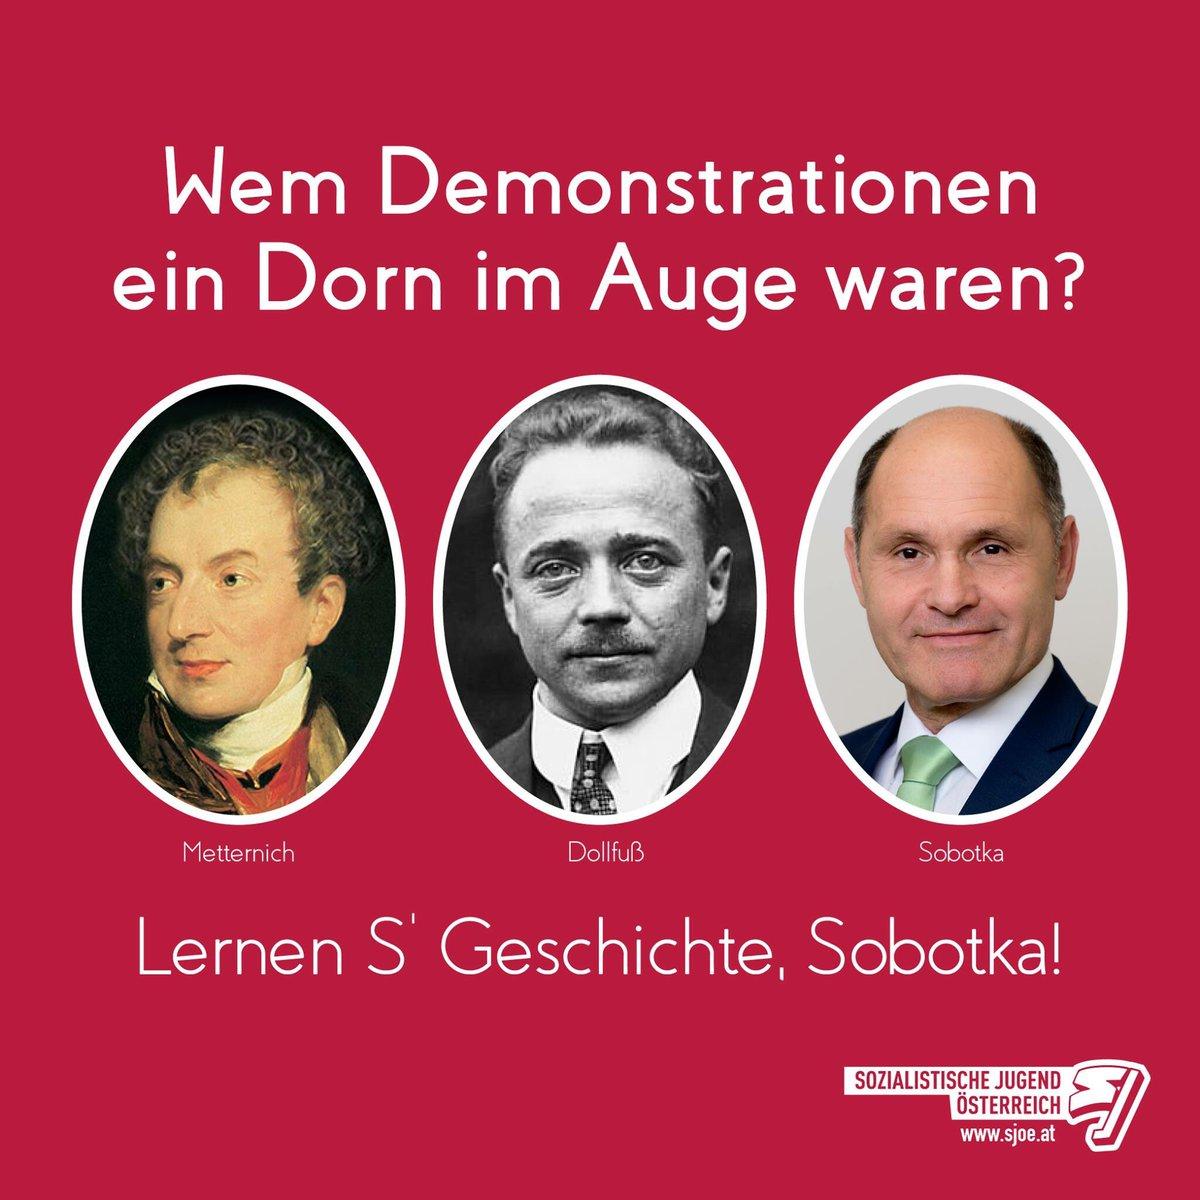 Demonstrationsrecht und so! #wengdierechtewarads https://t.co/vSsfetT8...